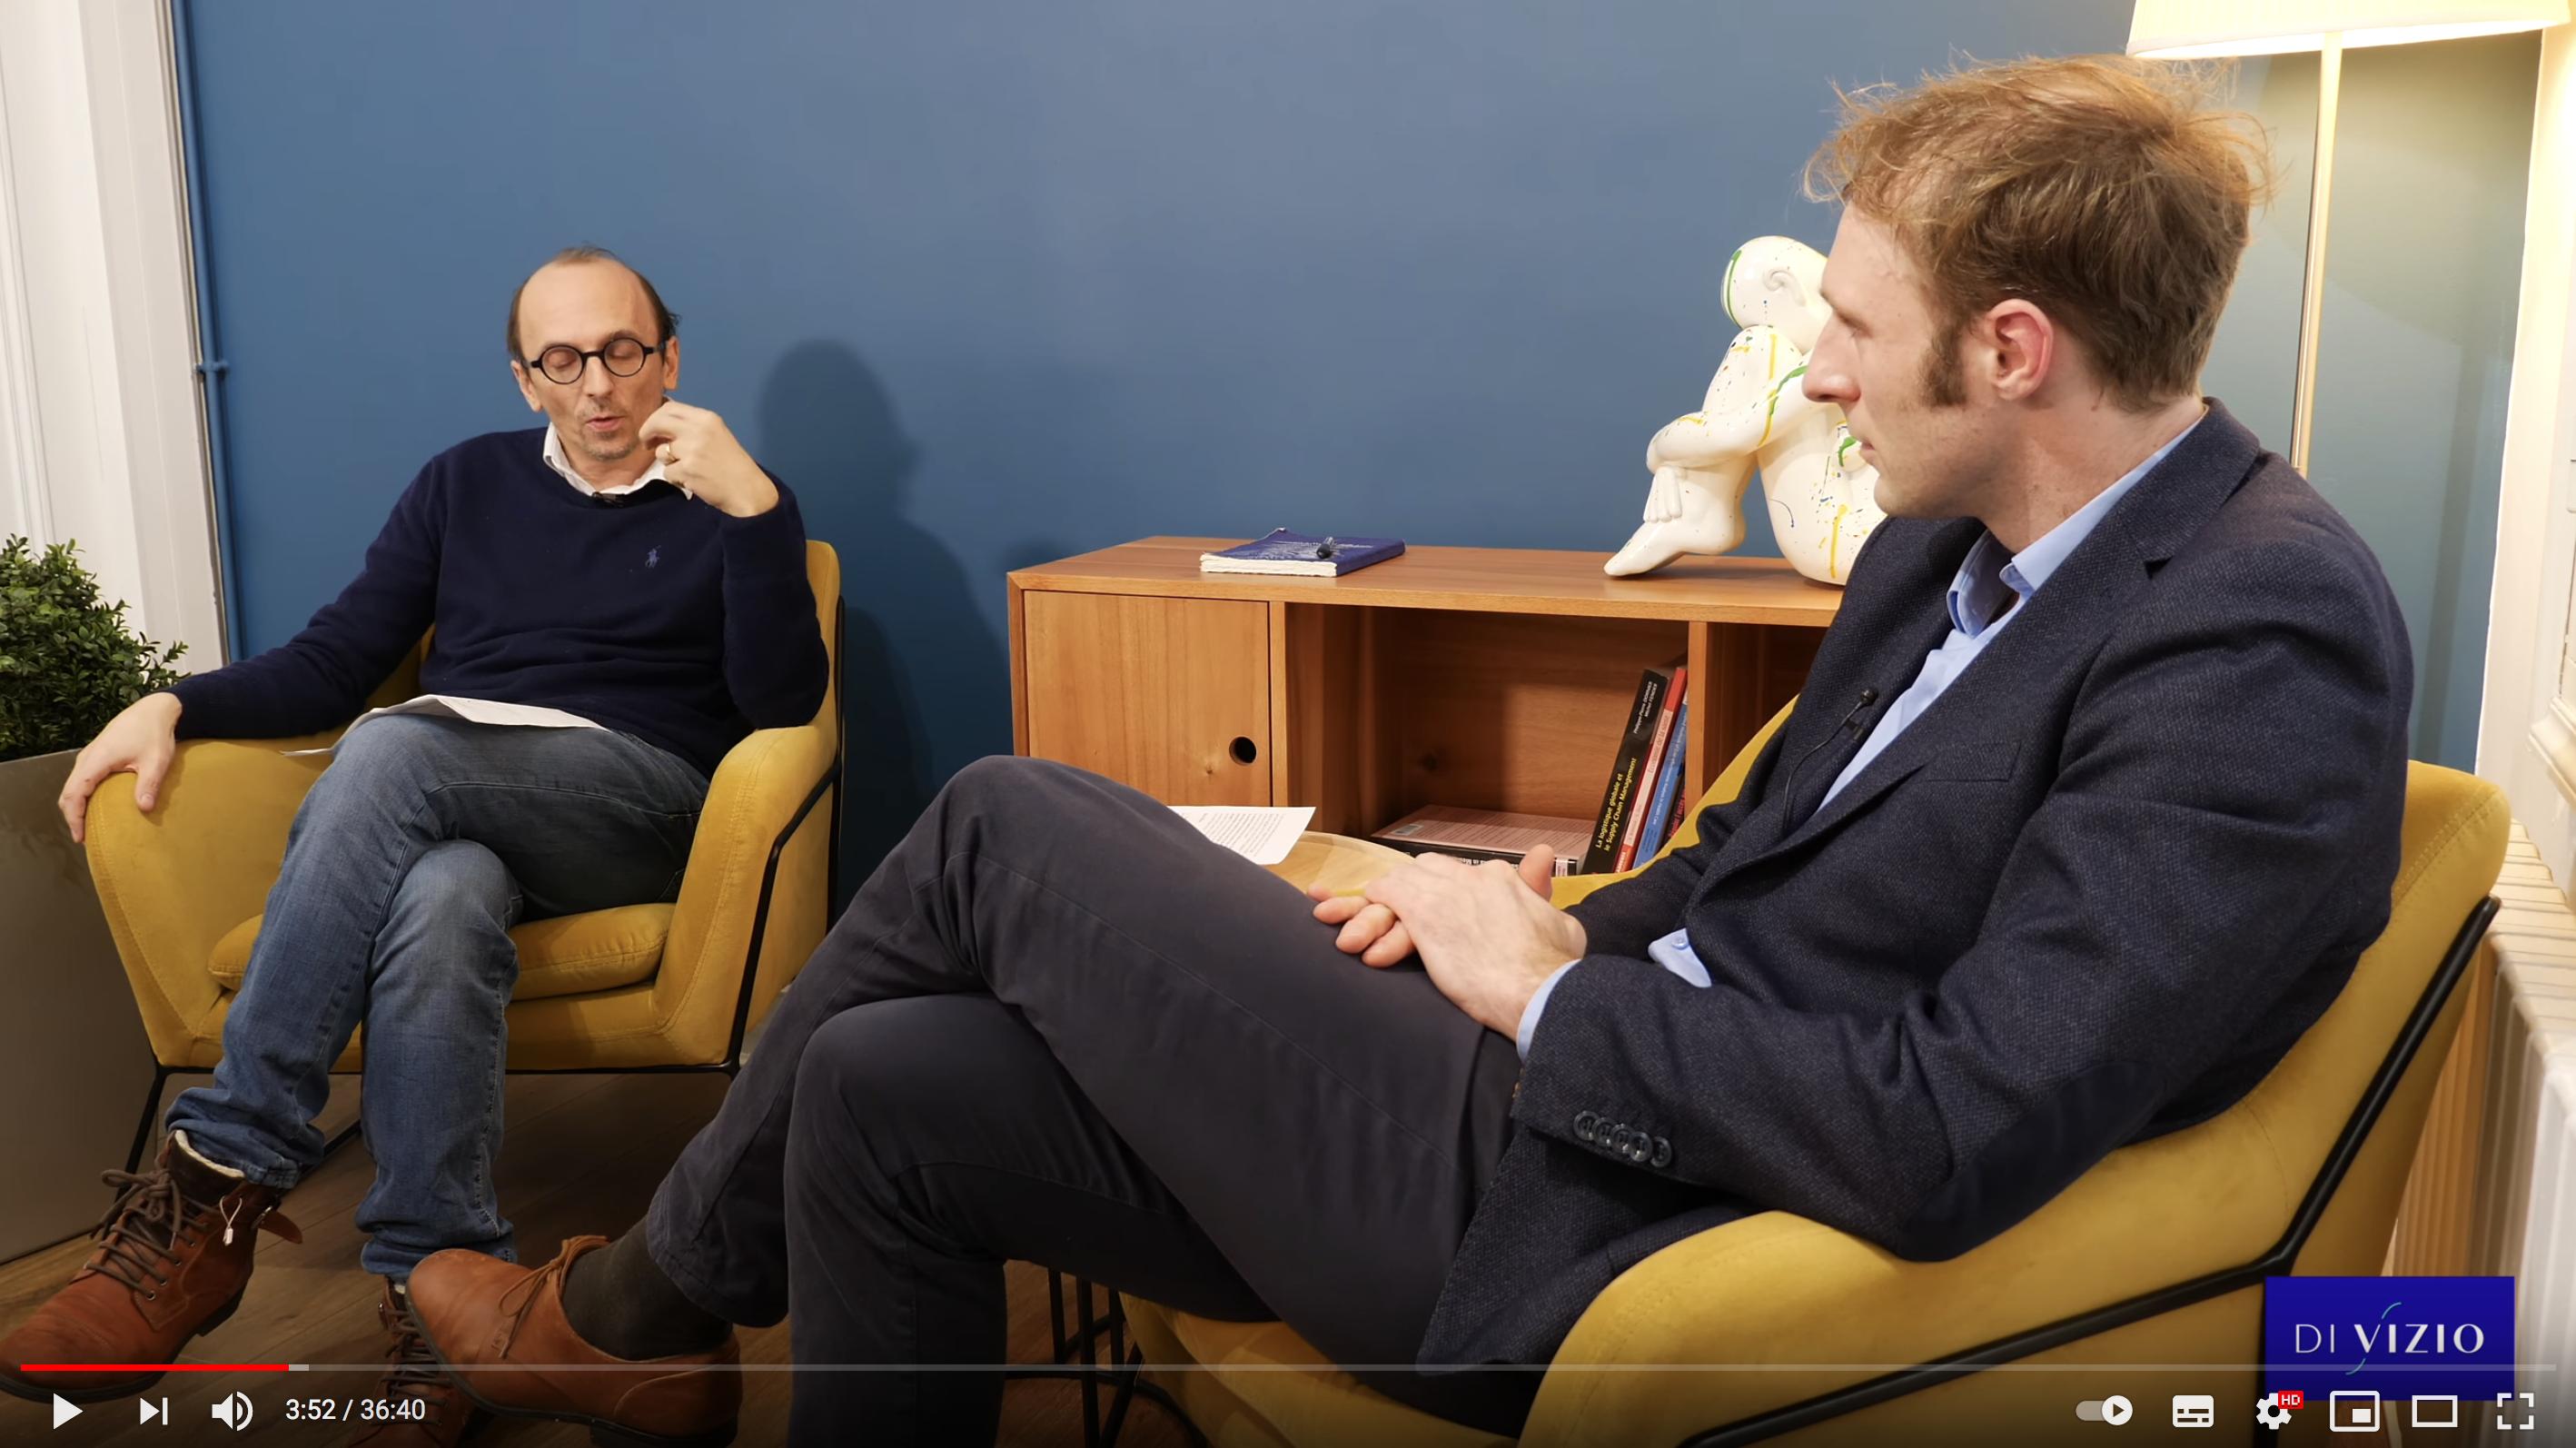 Me Fabrice di Vizio rencontre le Dr Martin Blachier (VIDÉO)